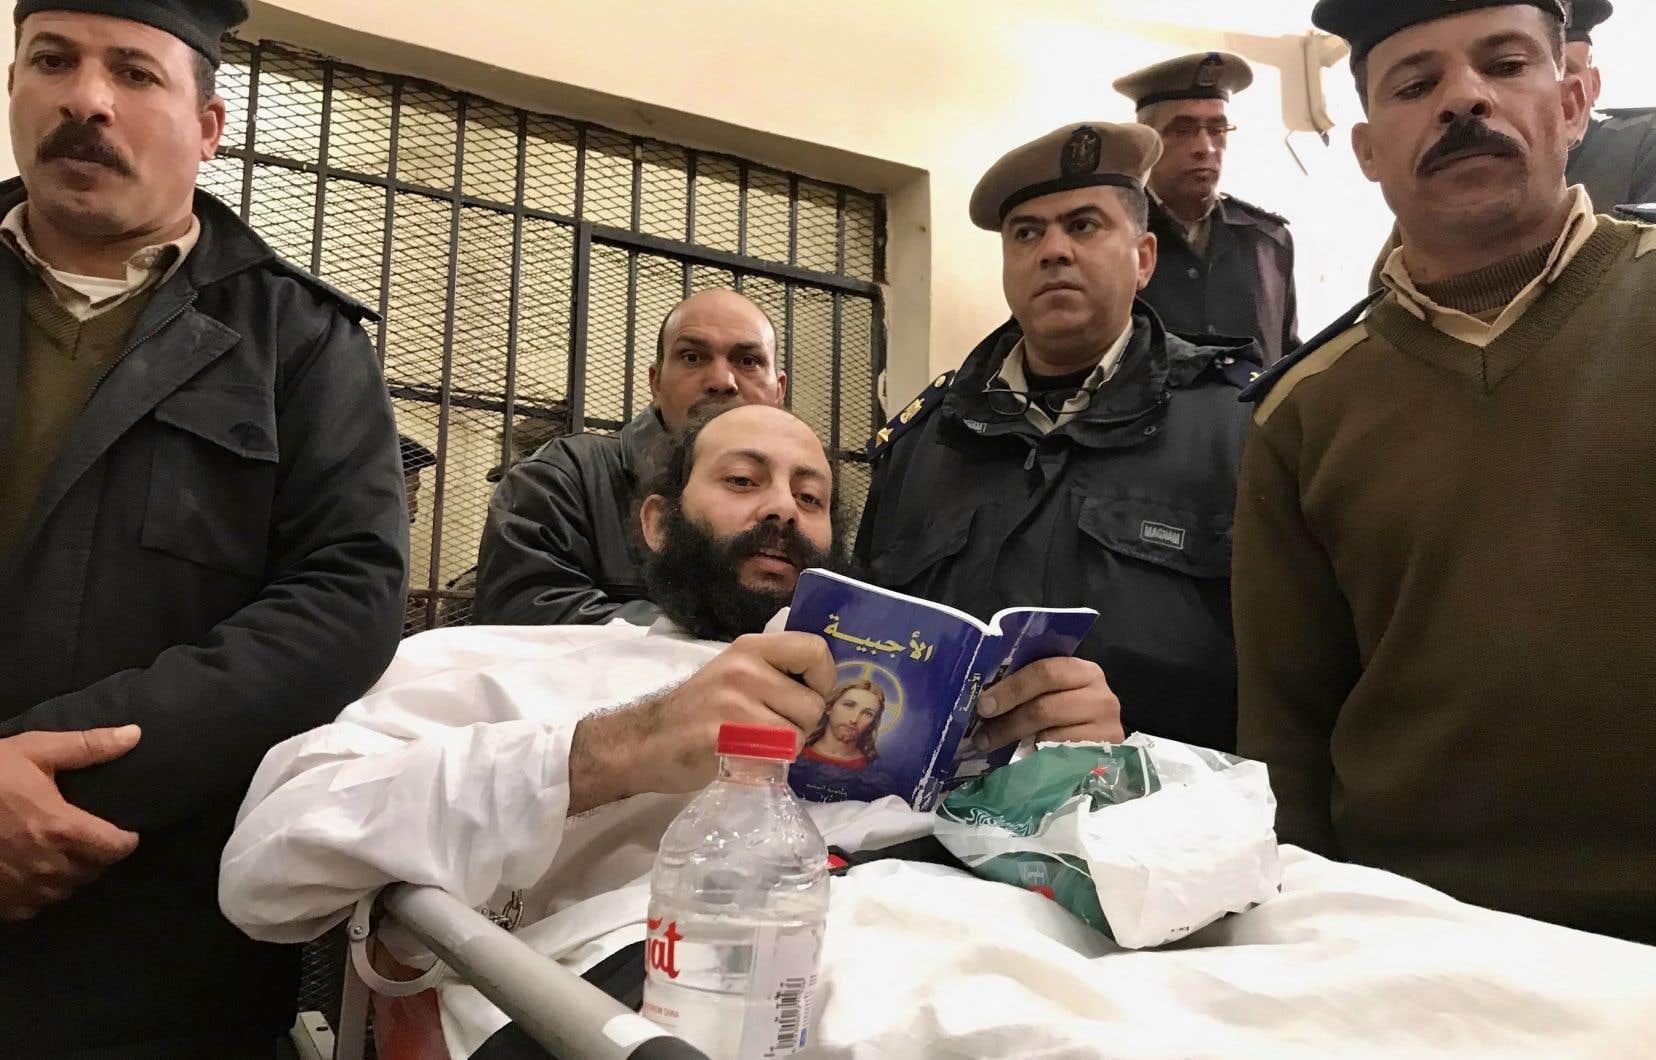 Le 23 février 2019, le moine égyptien Philotheos al-Makari se trouve sur une civière lors de son procès au palais de justice de la ville de Damanhur en Égypte.